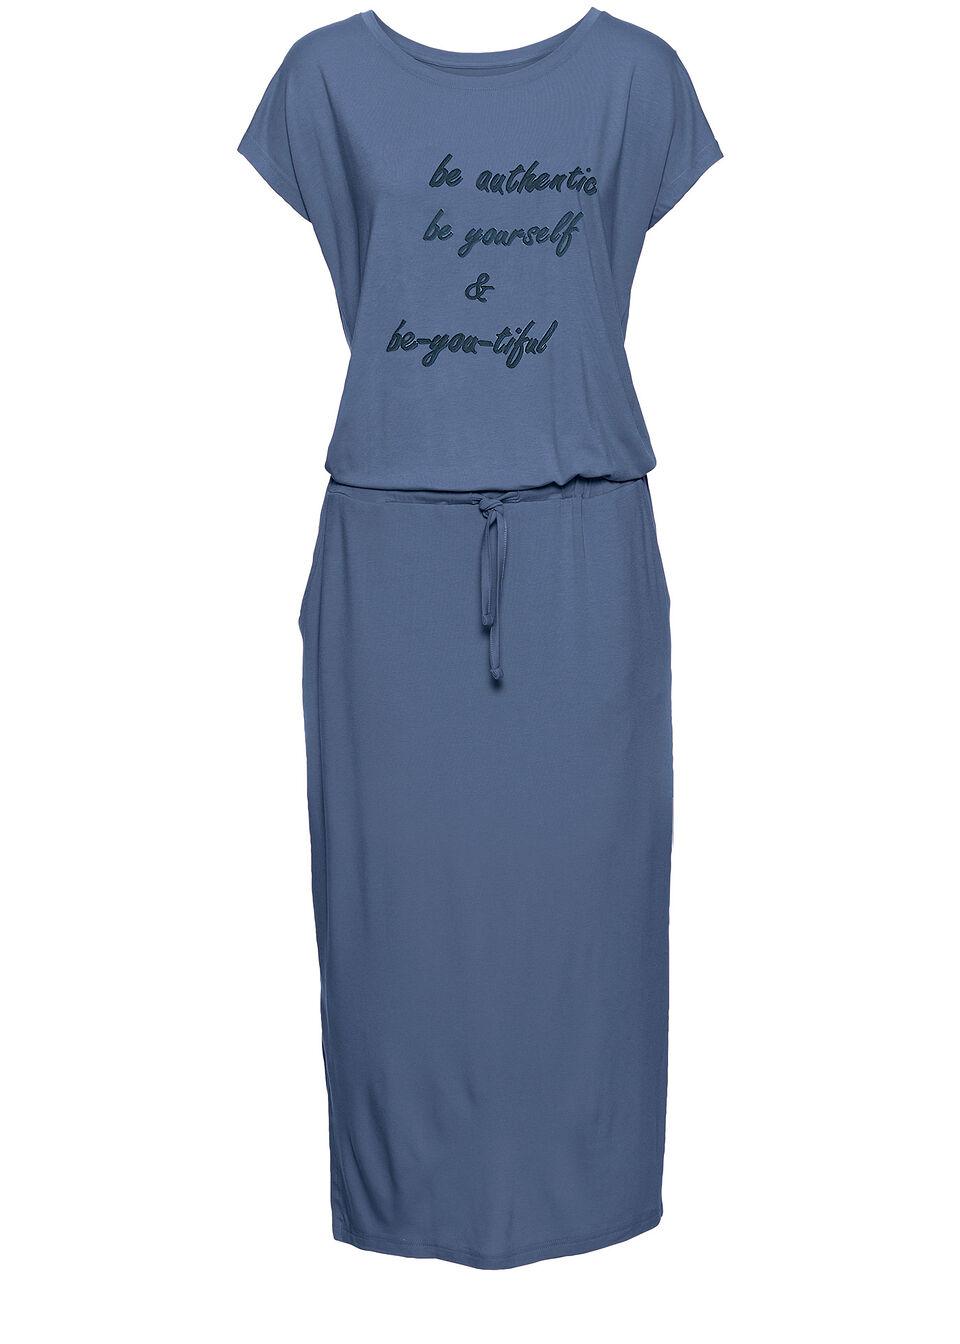 Трикотажное платье с принтом и коротким рукавом